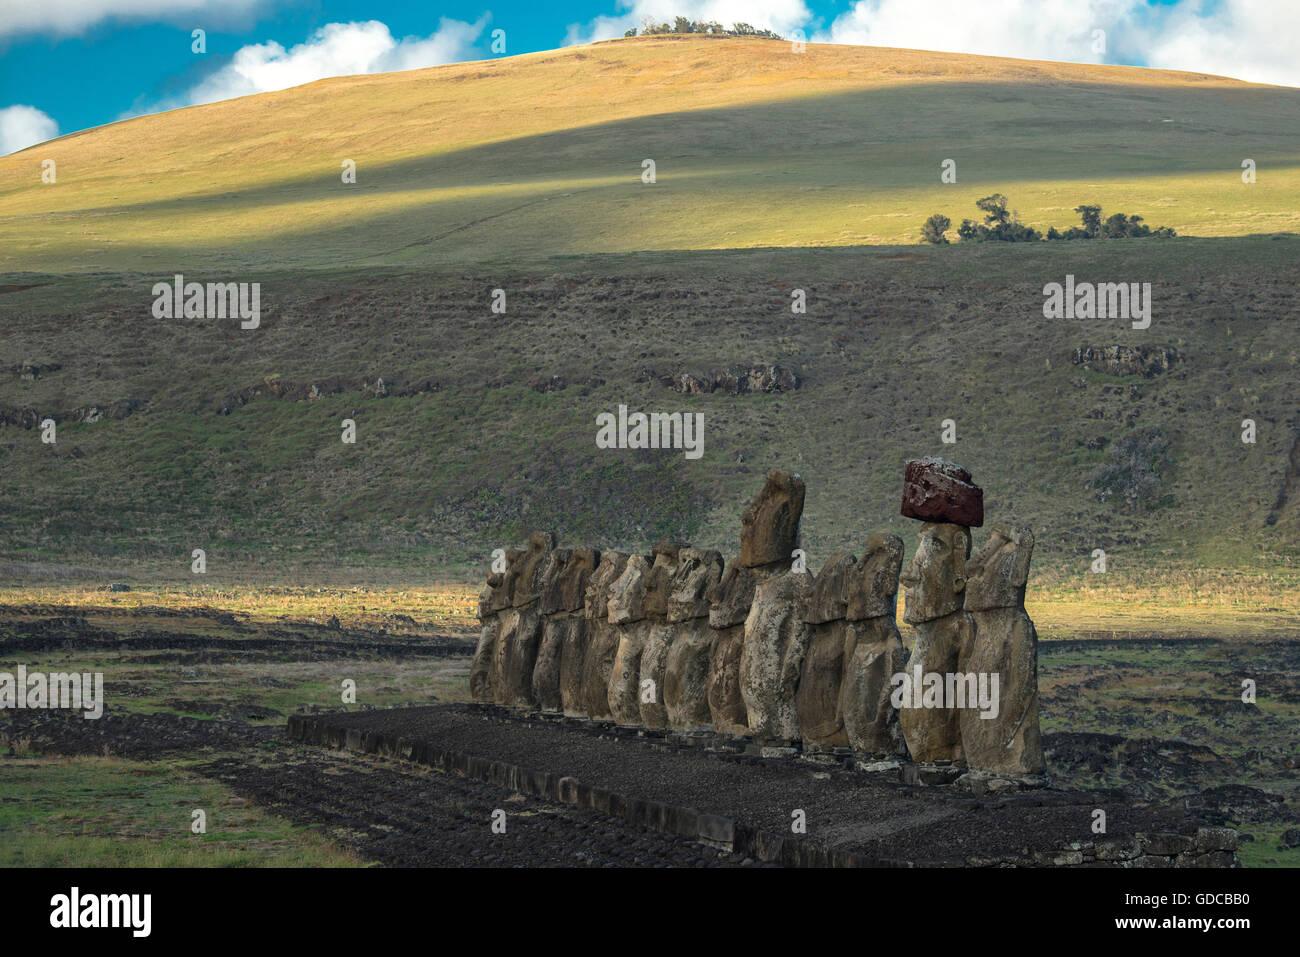 Sud America,Cile,l'Isola di Pasqua,Isla de Pasqua,South Pacific,,UNESCO patrimonio mondiale, Immagini Stock